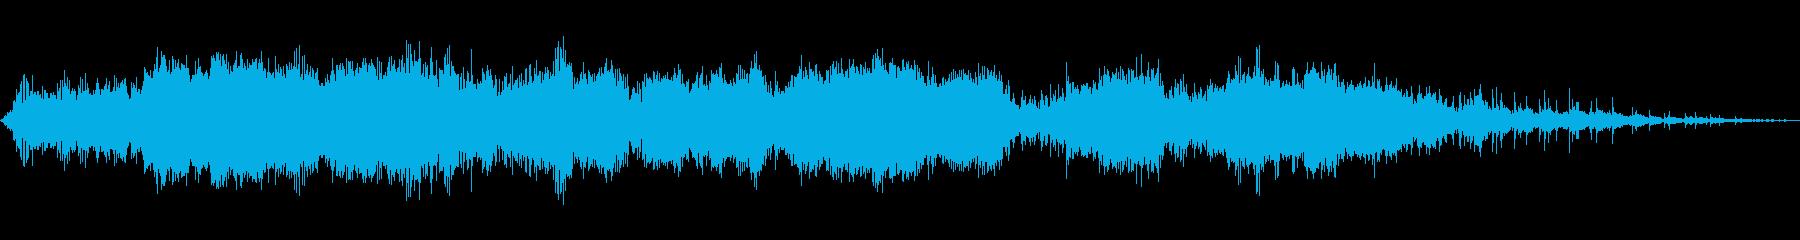 大規模なアーク、SCI FI宇宙レ...の再生済みの波形